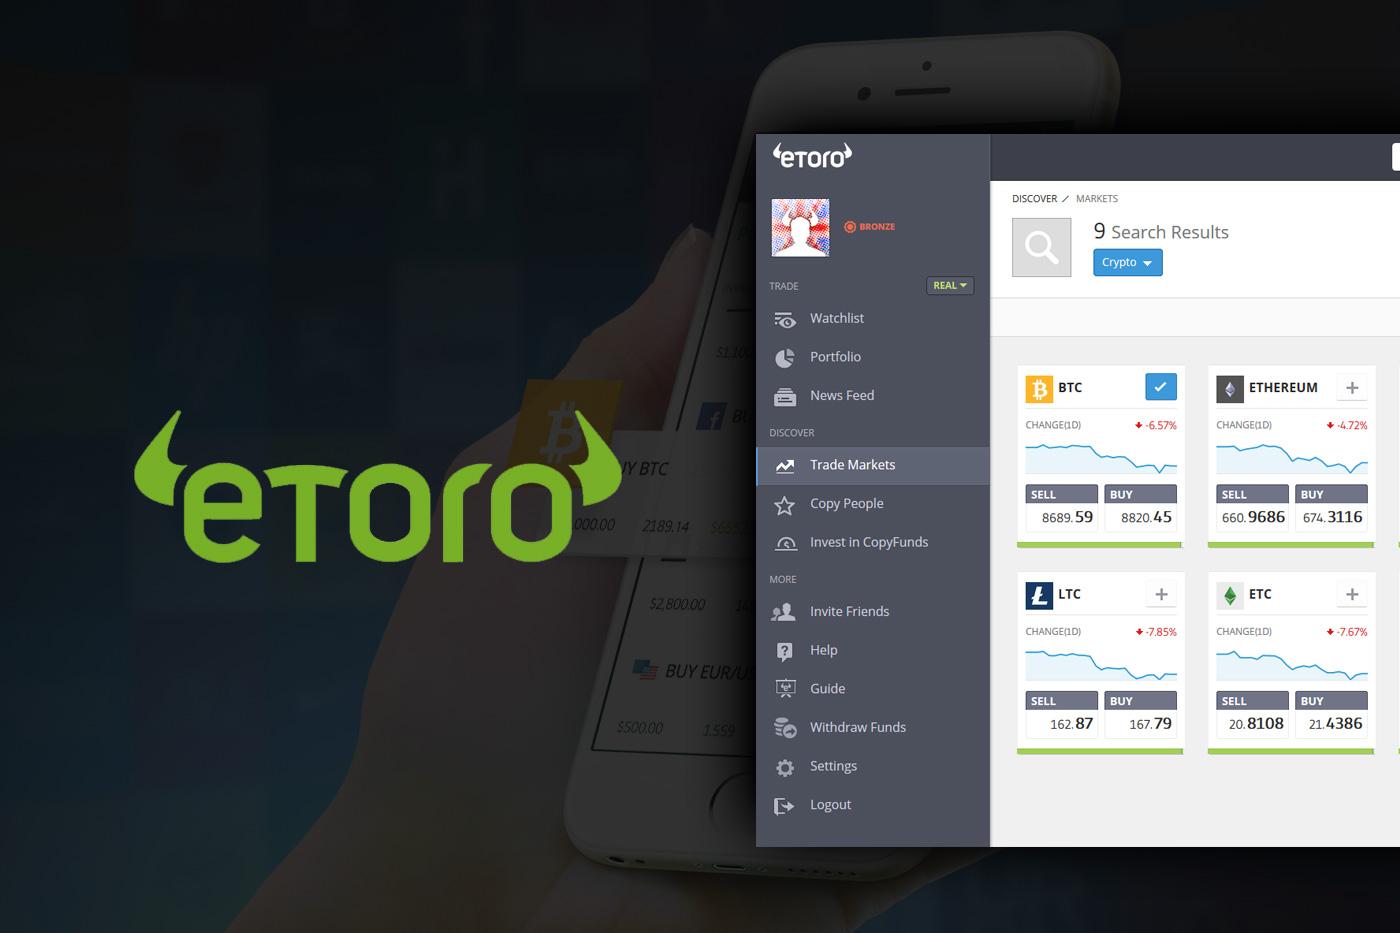 La plataforma eToro lanza una aplicación móvil de gestión de datos para criptomonedas